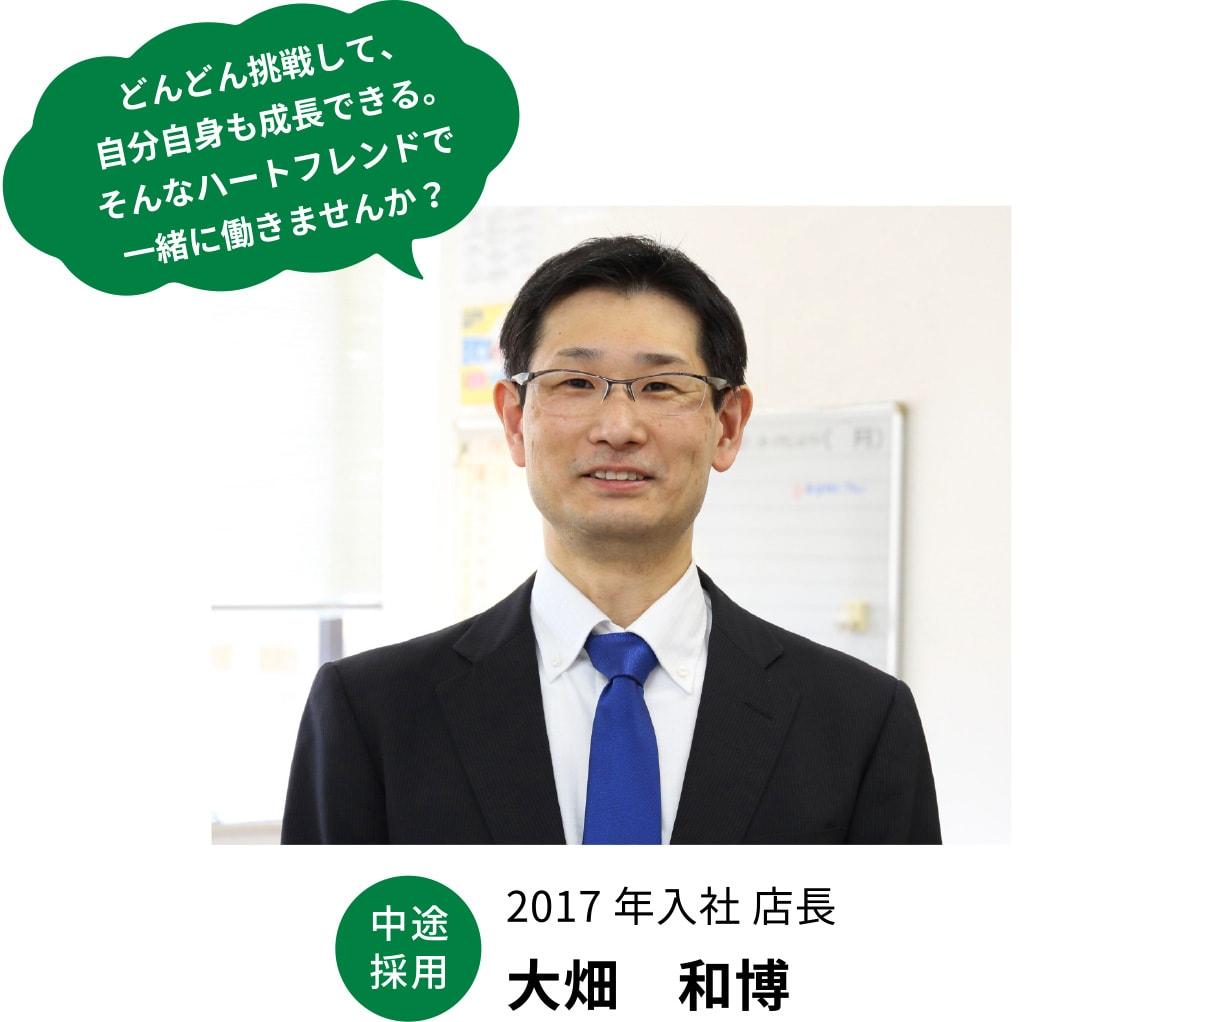 2017年入社 店長 大畑 和博